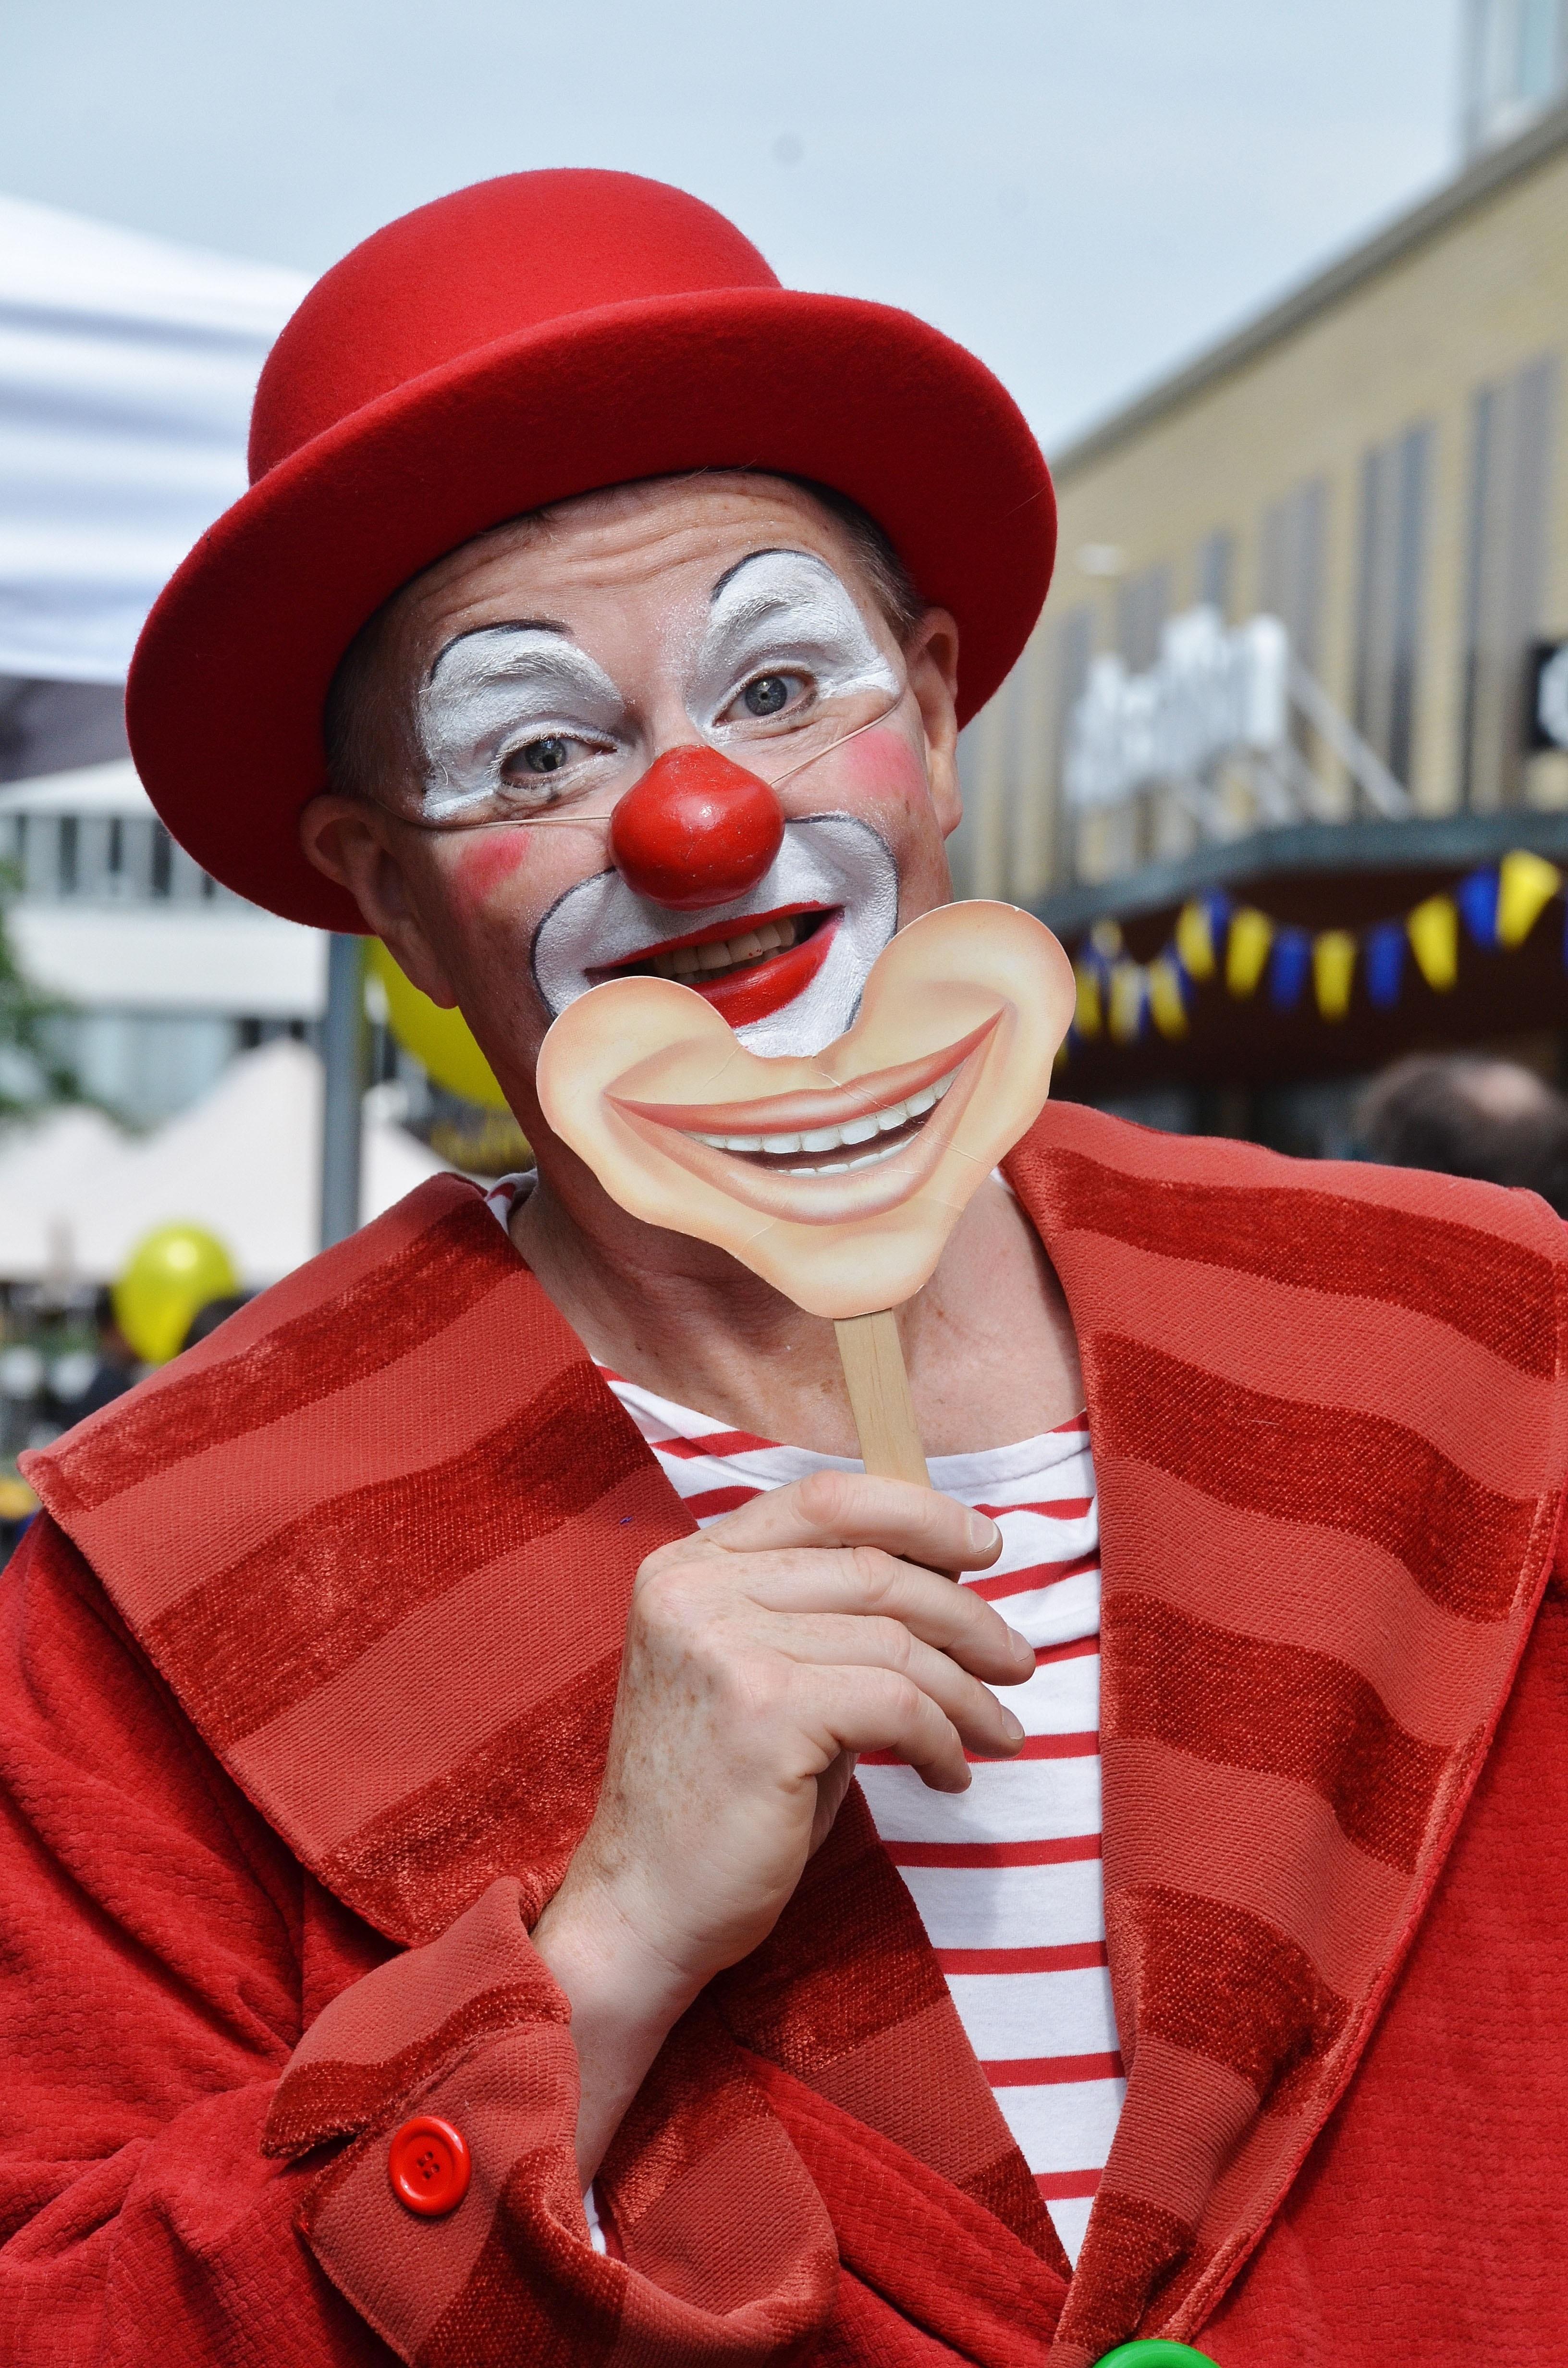 создания фото красивых клоунов этого потребуются только